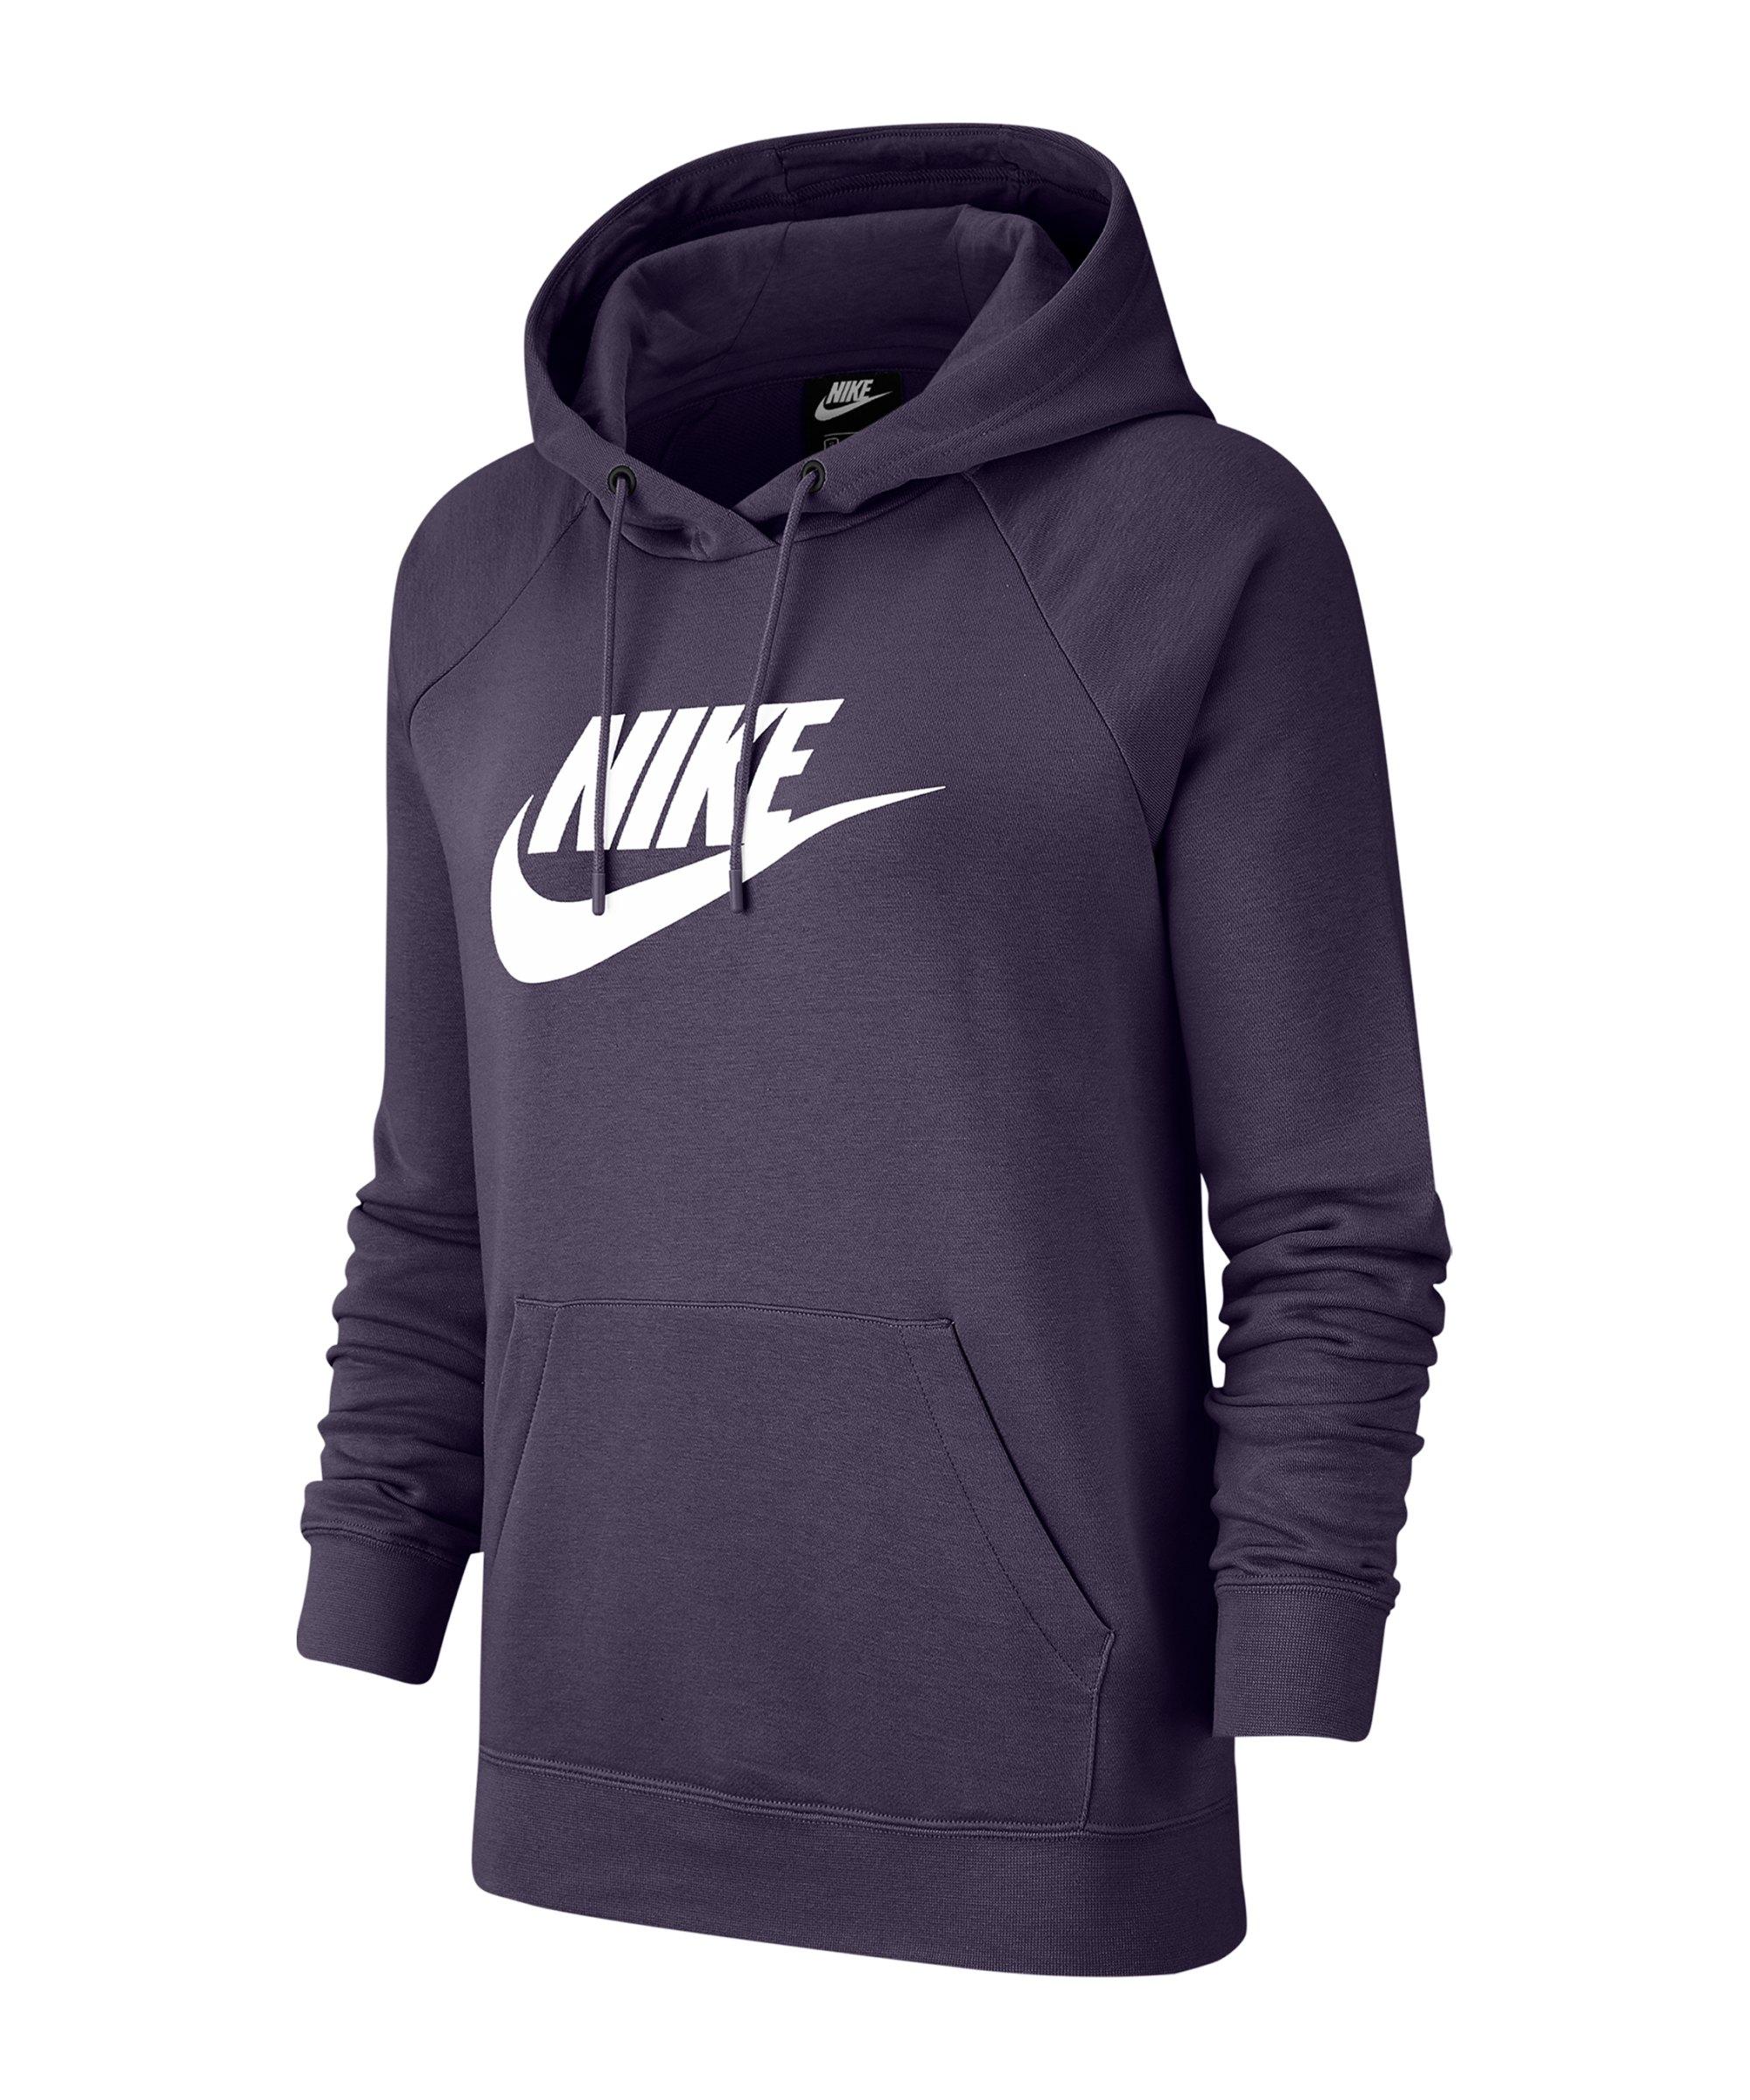 Nike Essential Hoody Damen Blau F574 - blau